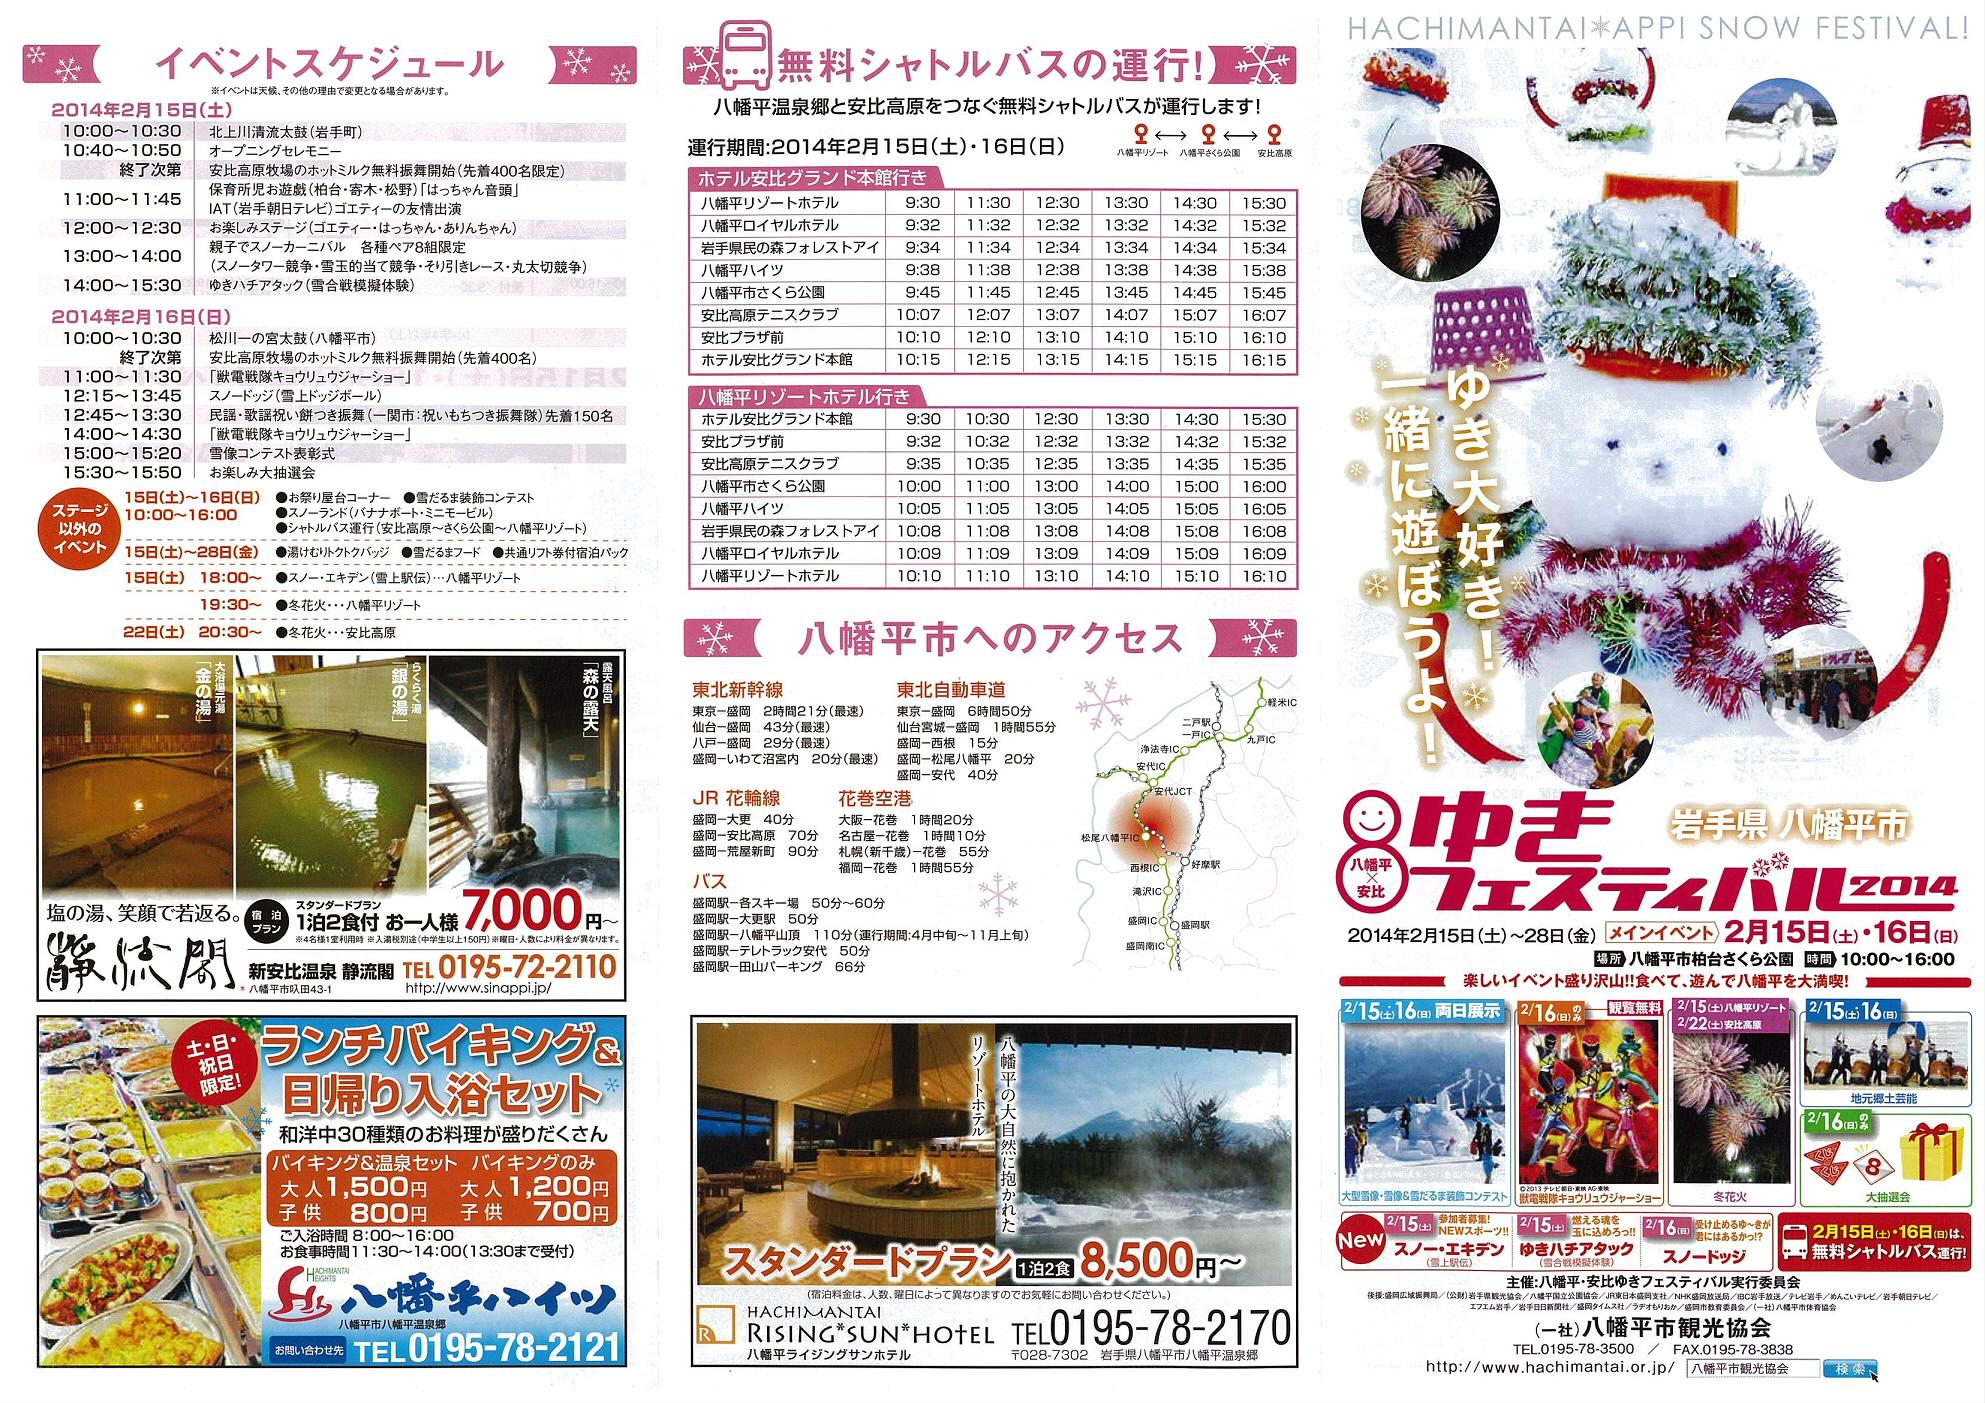 八幡平・安比ゆきフェスティバル2014_01